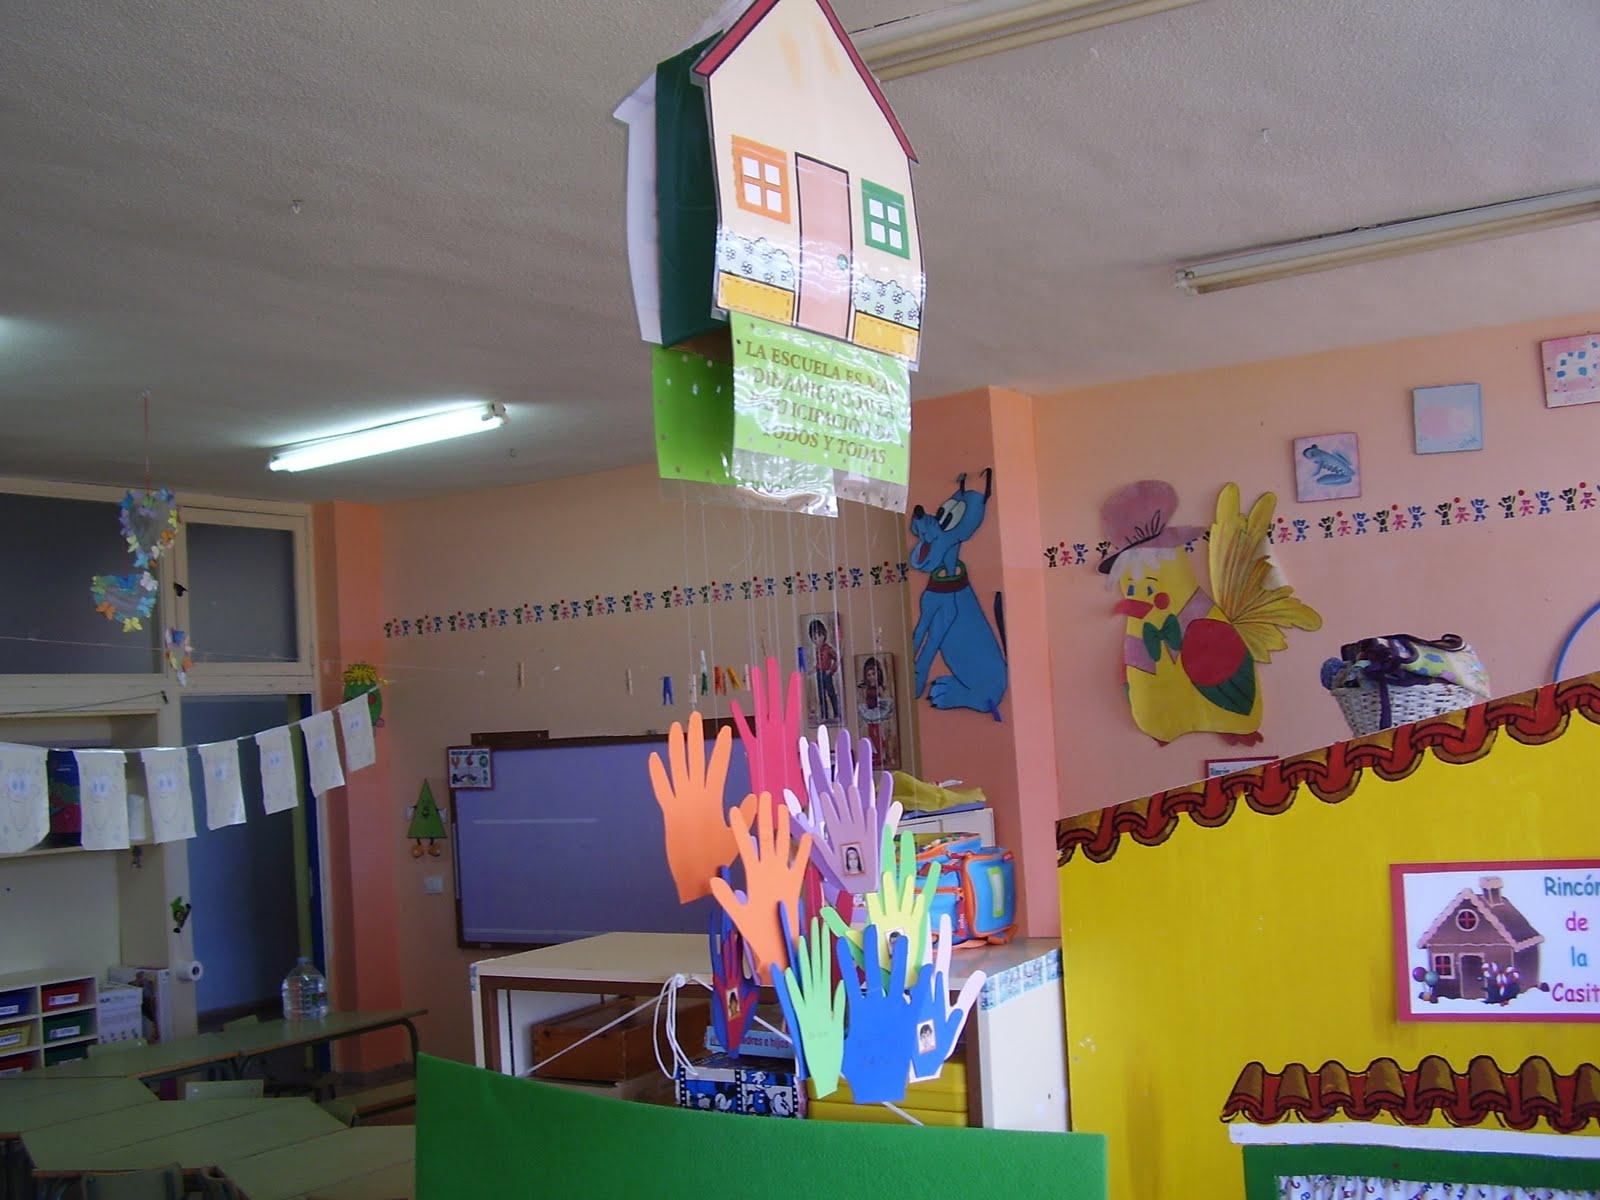 Una ventana al aula de infantil una gran fiesta de for Cancion de bienvenida al jardin